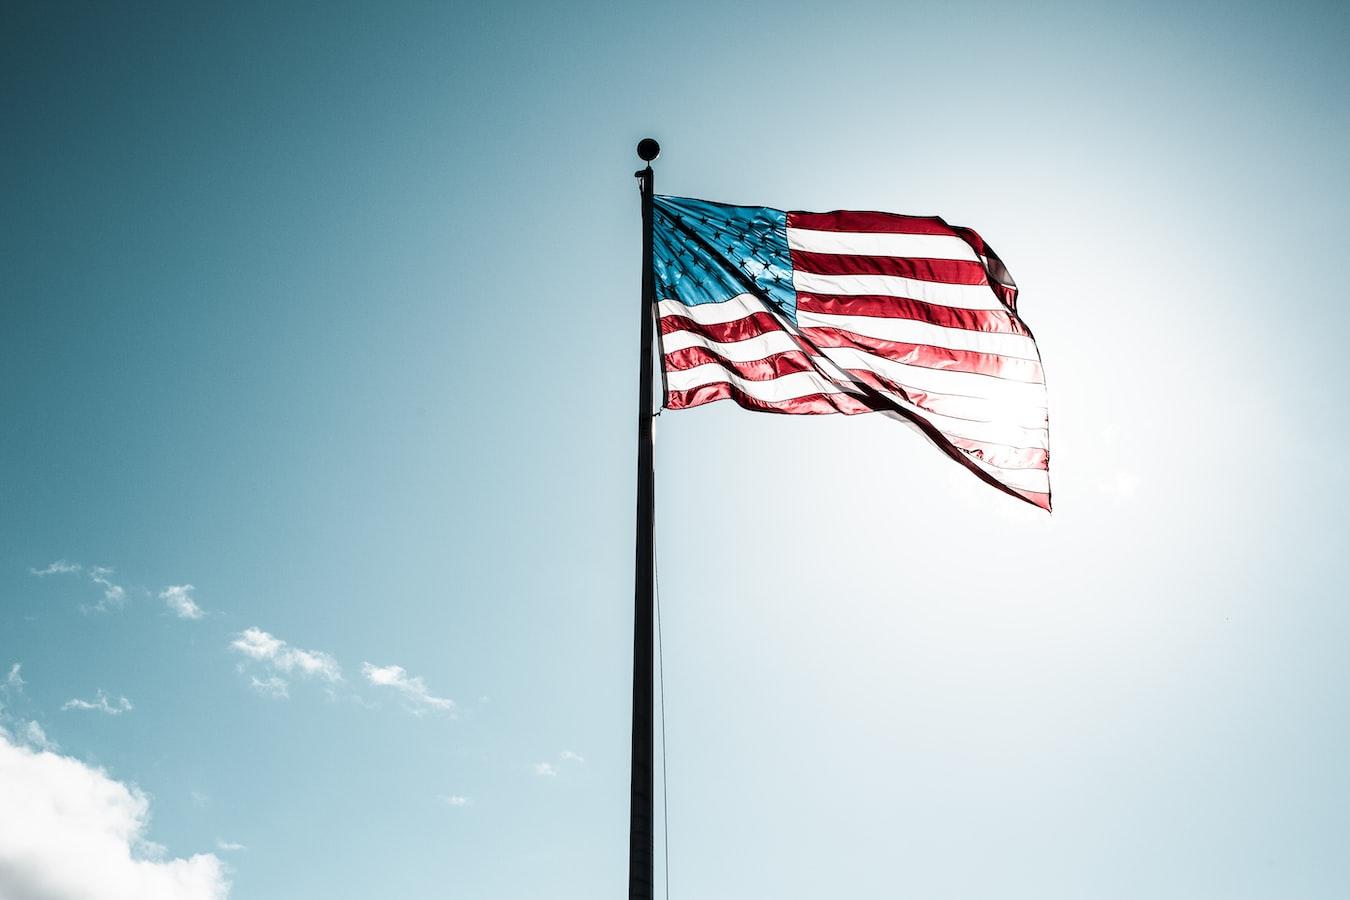 flag pole zoom background